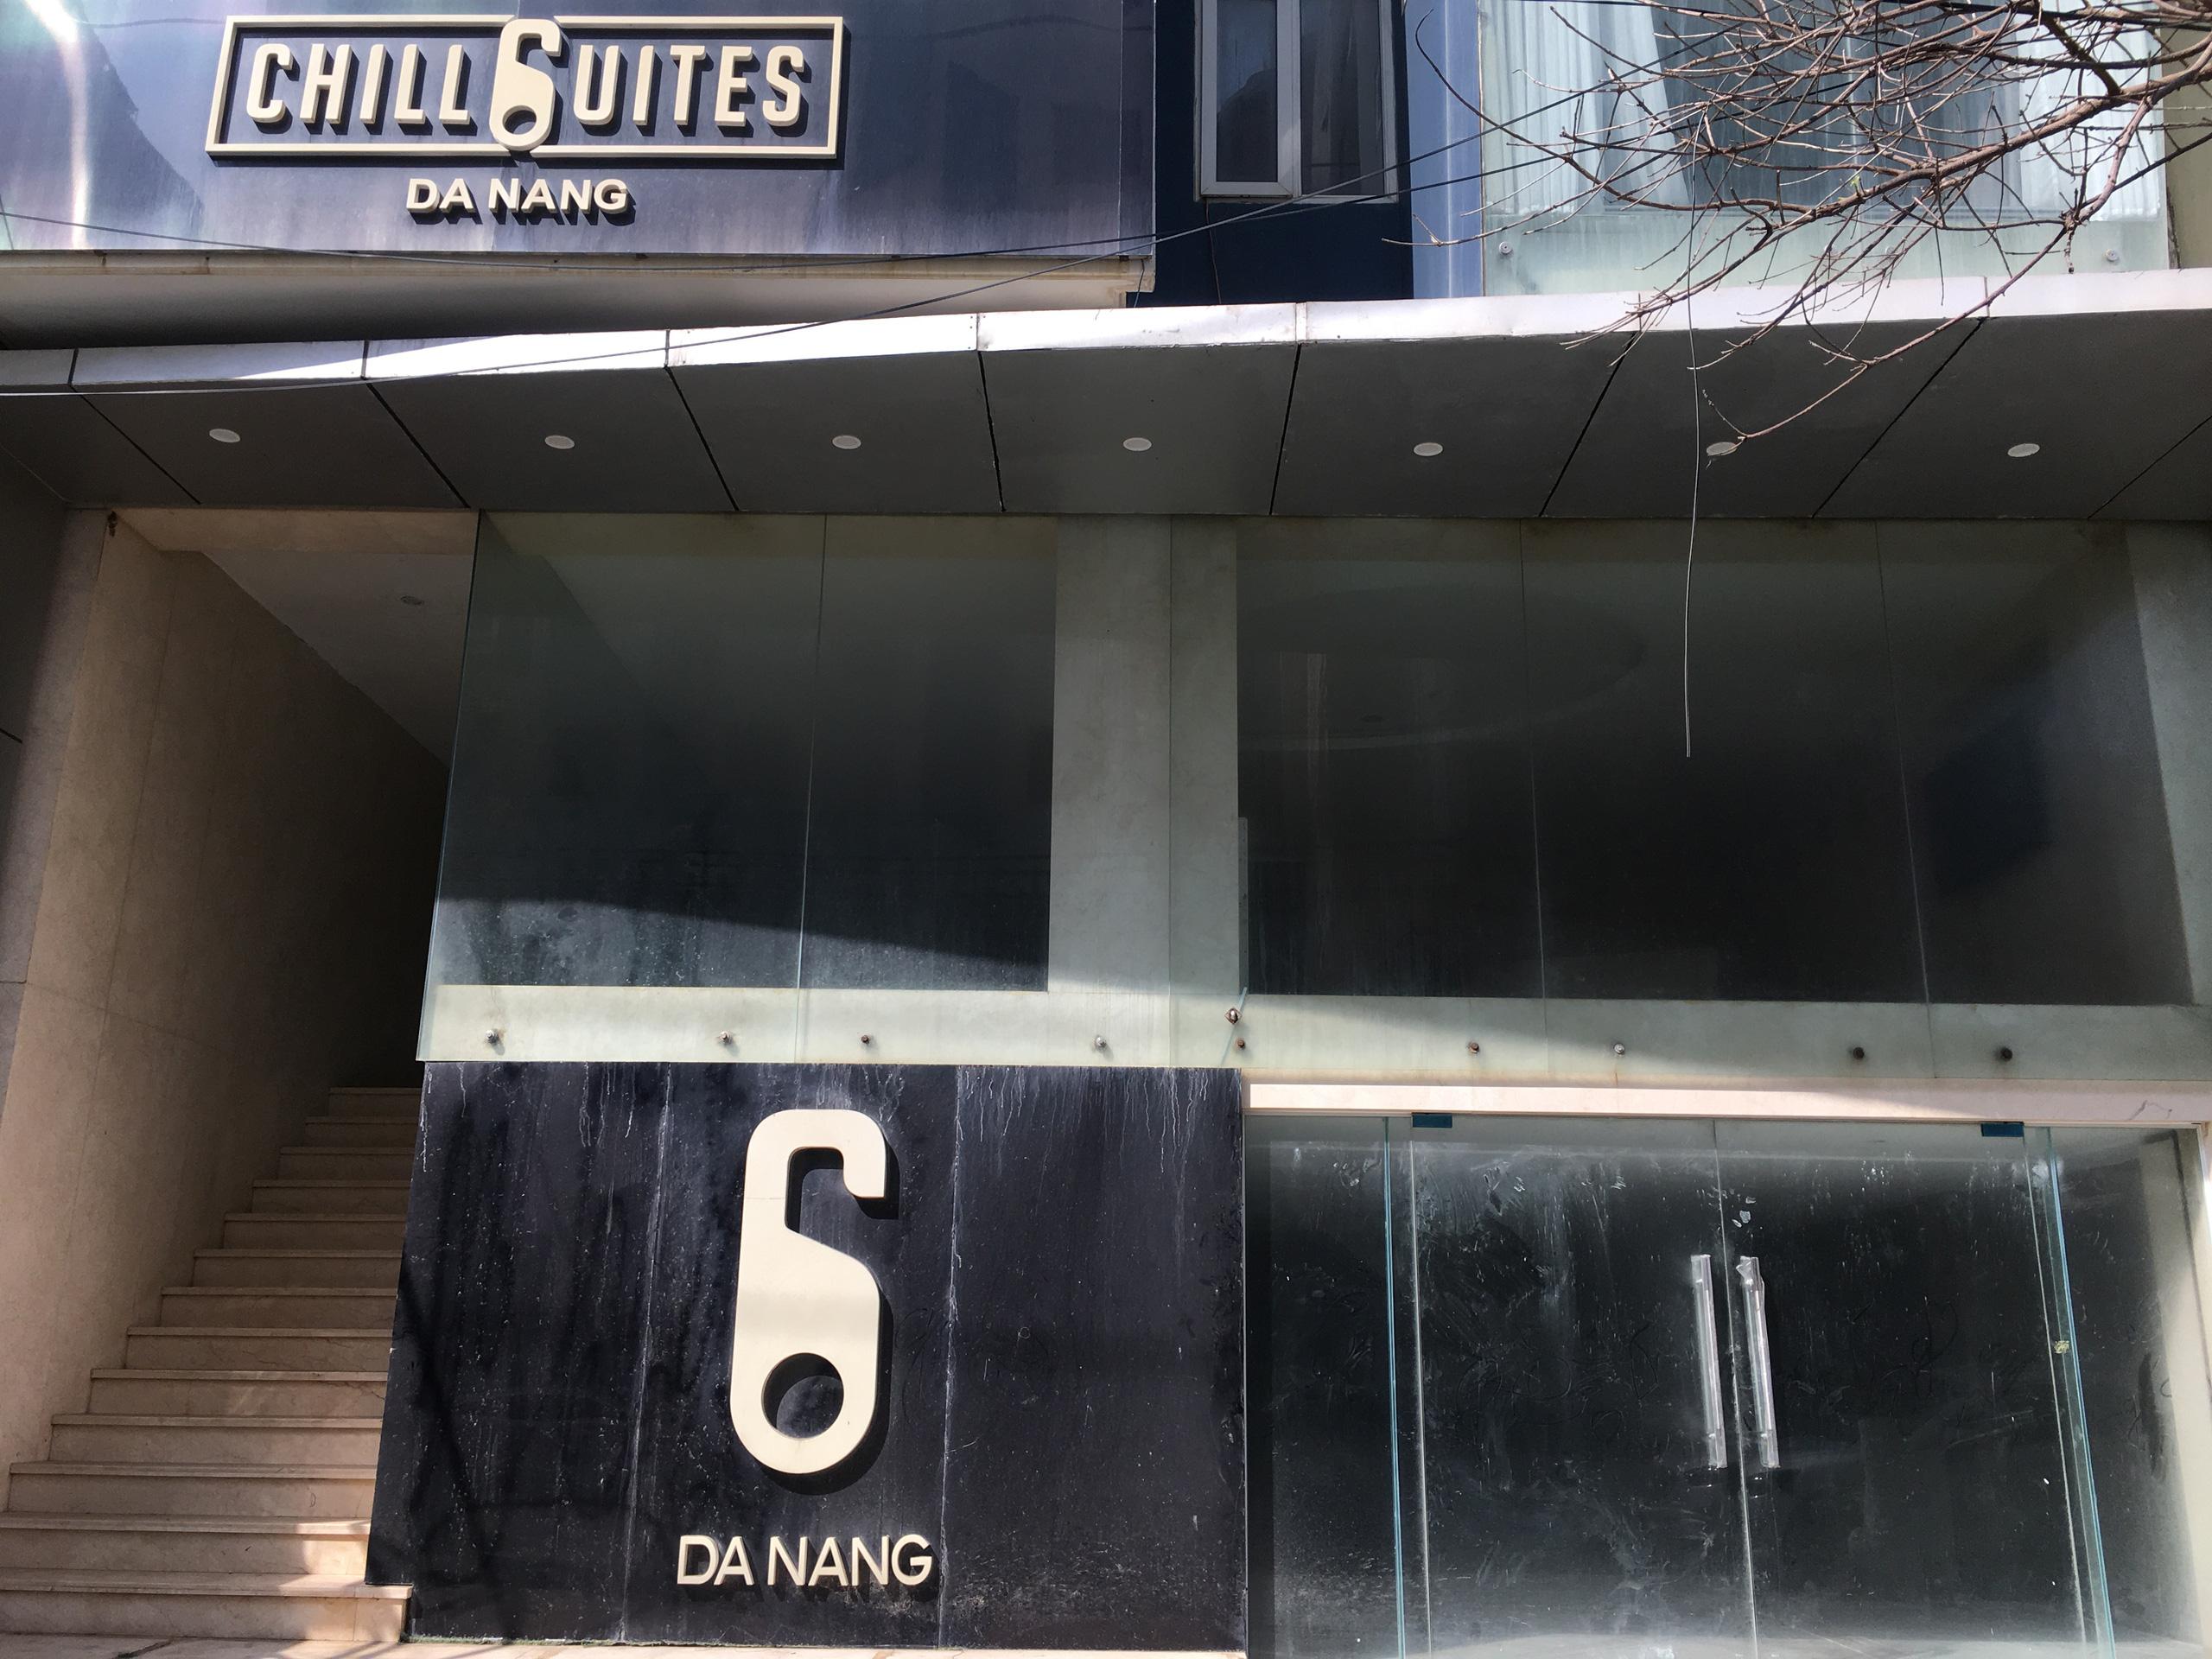 Rao bán nhà ồ ạt ở phố Tây Đà Nẵng, thấp nhất 110 triệu/m2 - Ảnh 17.